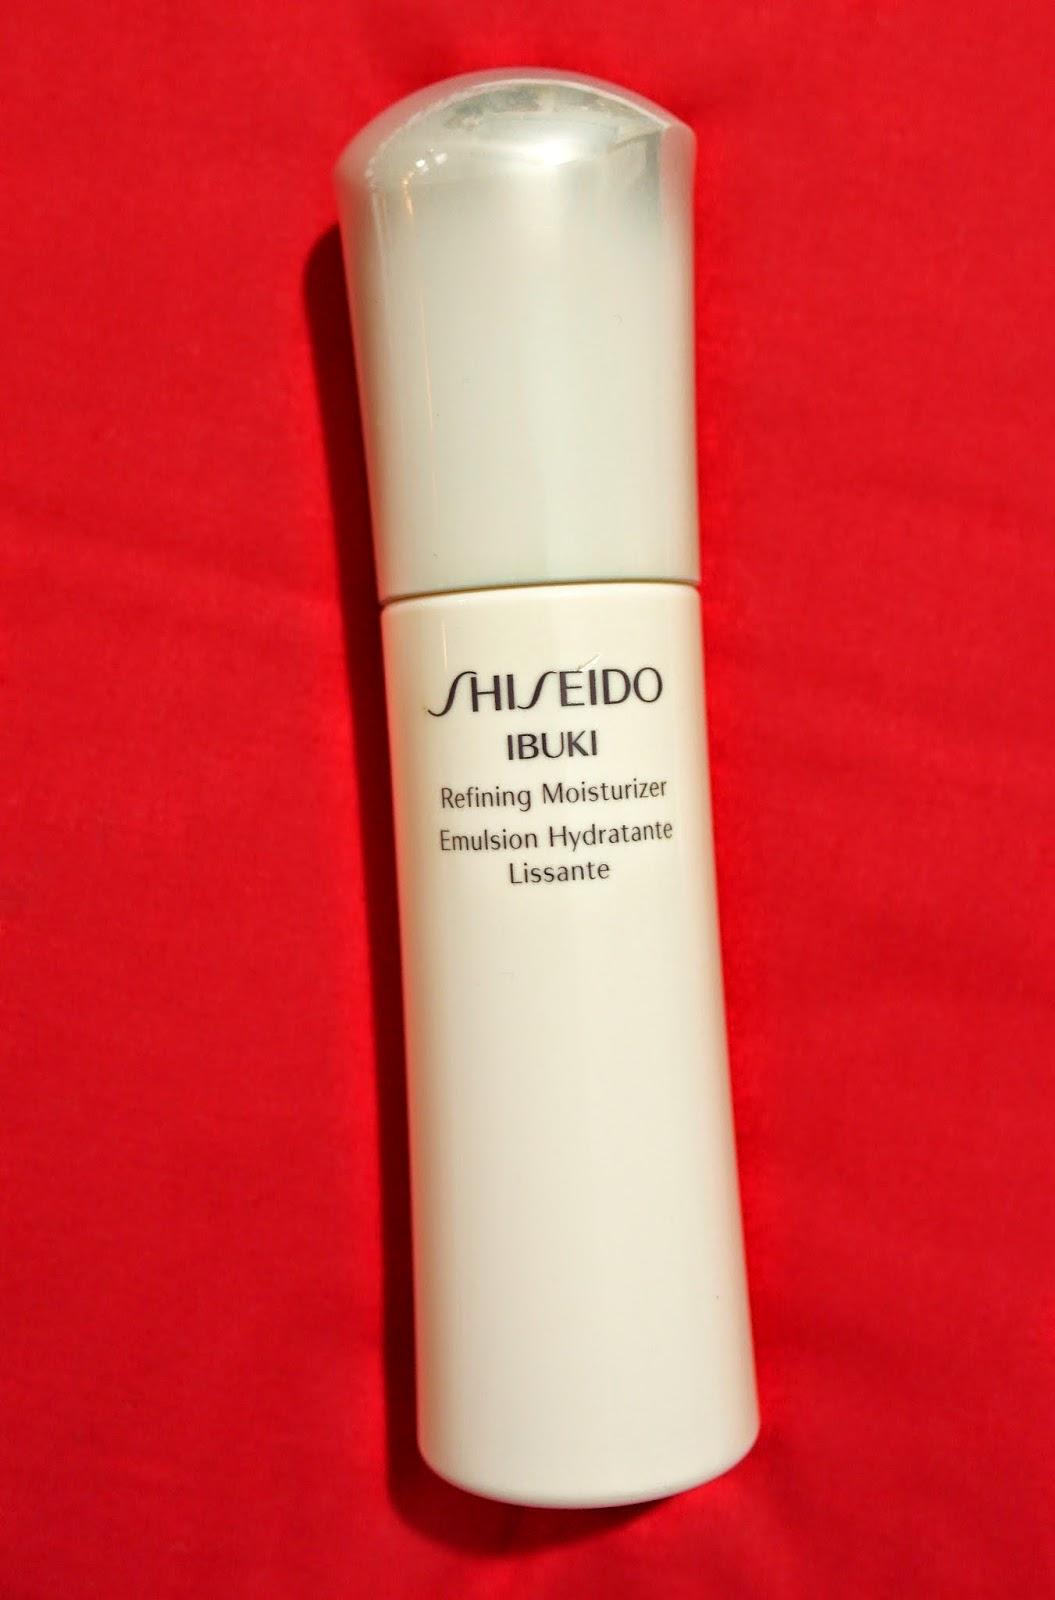 Shiseido IBUKI Refining Moisturizer Yağlı Ciltler İçin Nemlendirici